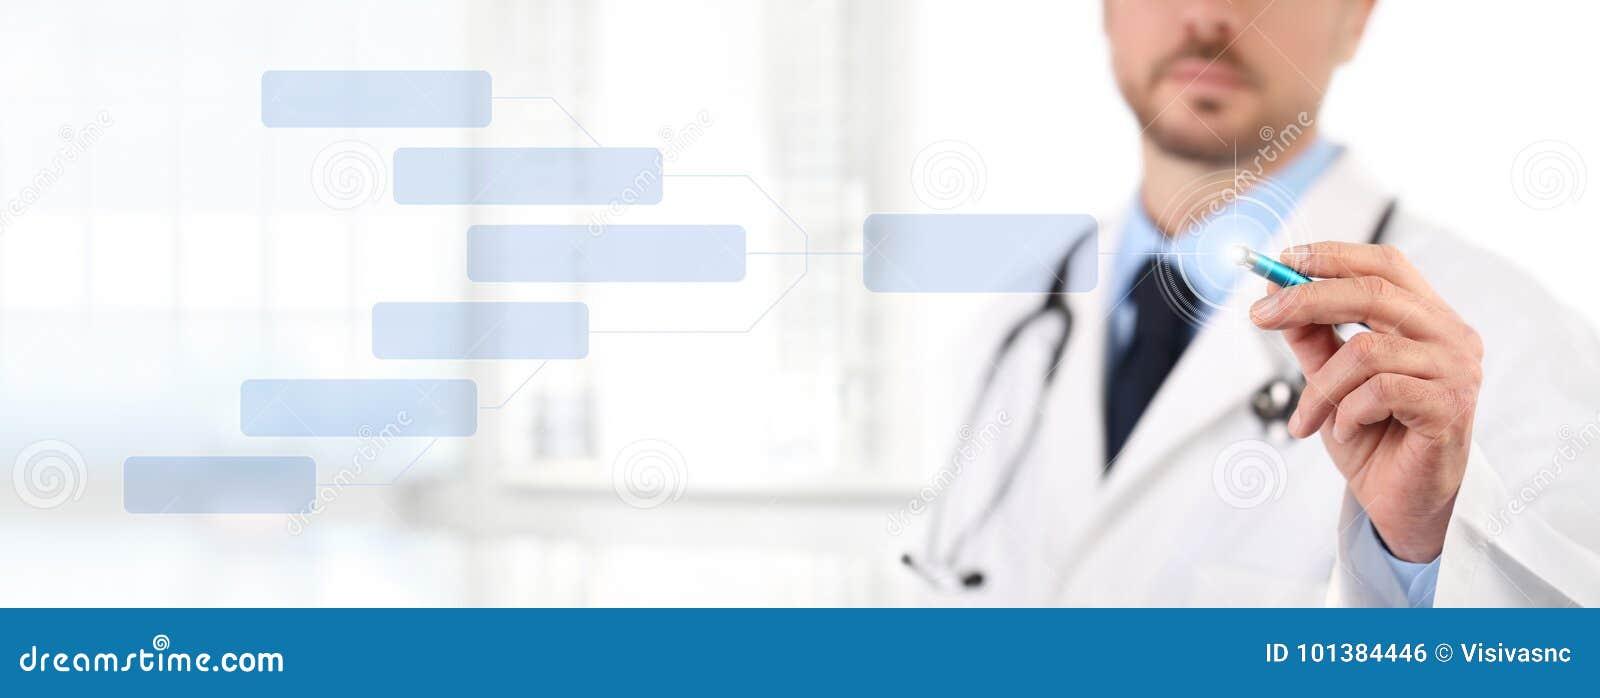 Врачуйте экран касания с концепцией здоровья ручки медицинской